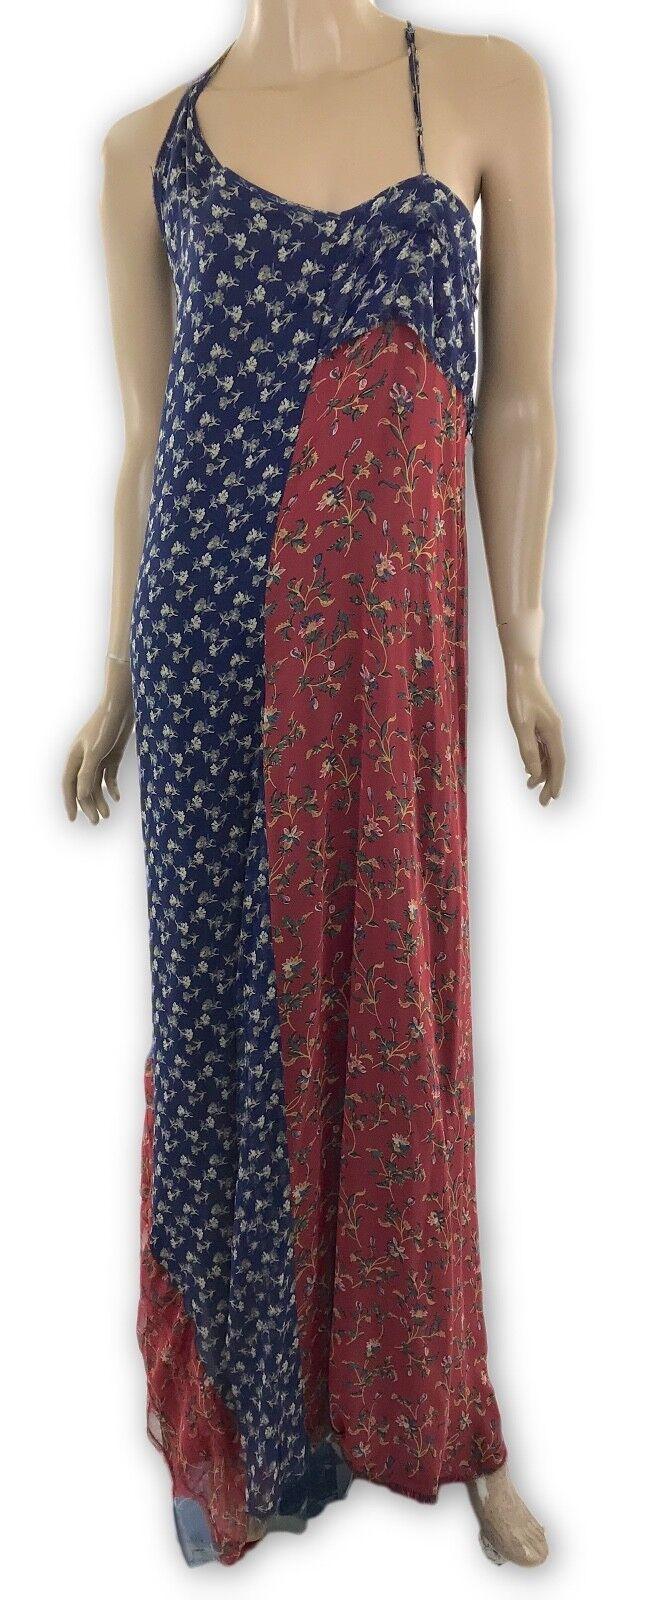 R13 nouveau Robe longue imprimé soie fluide Ourlet Asymétrique Bleu Motif floral Rouge